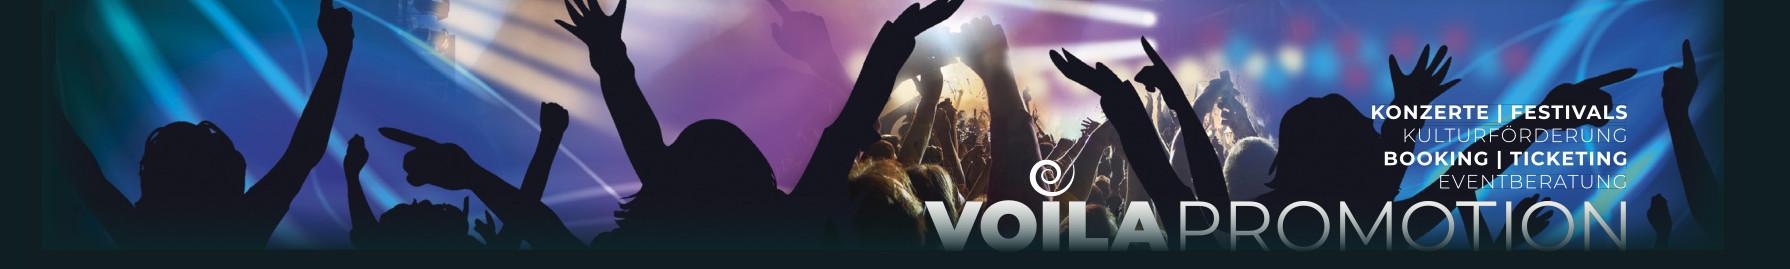 Voila Promotion